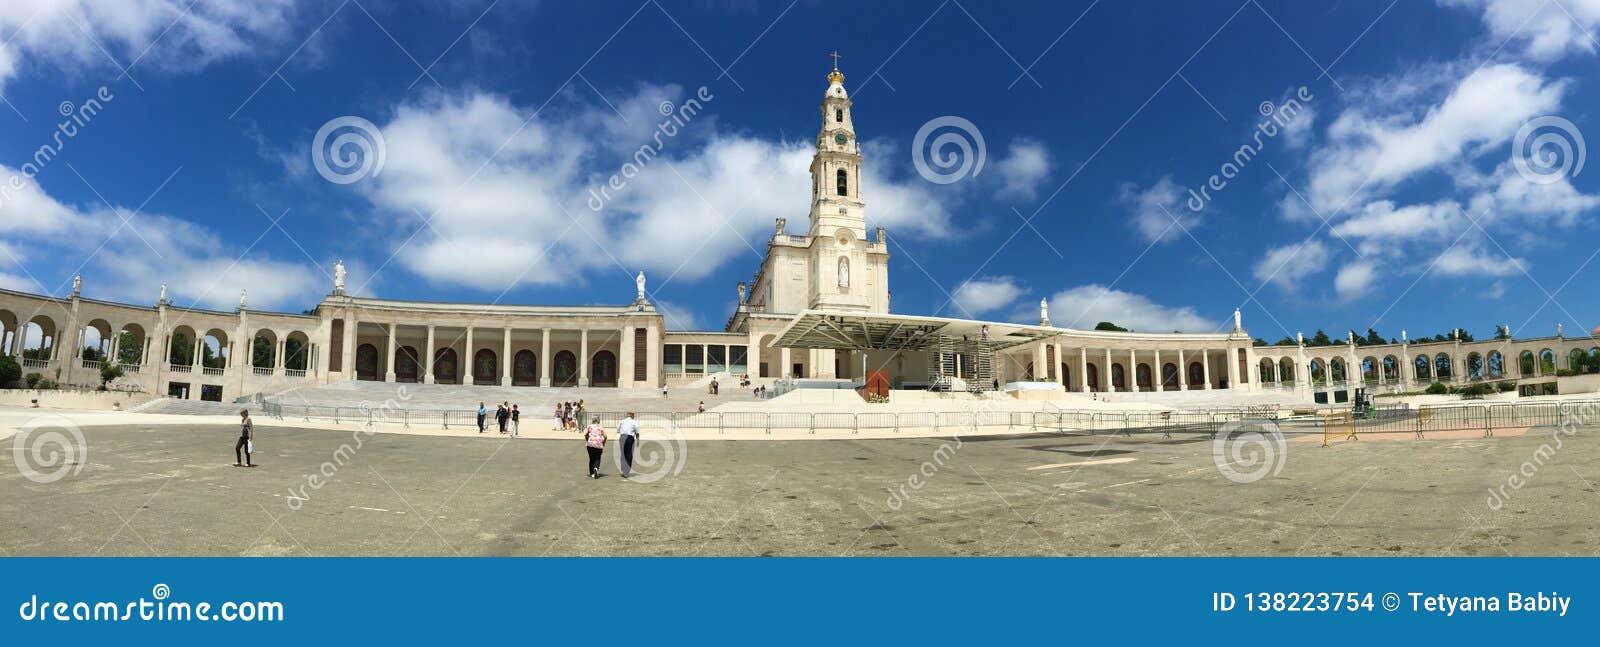 Фатима одна из самых важных католических святынь